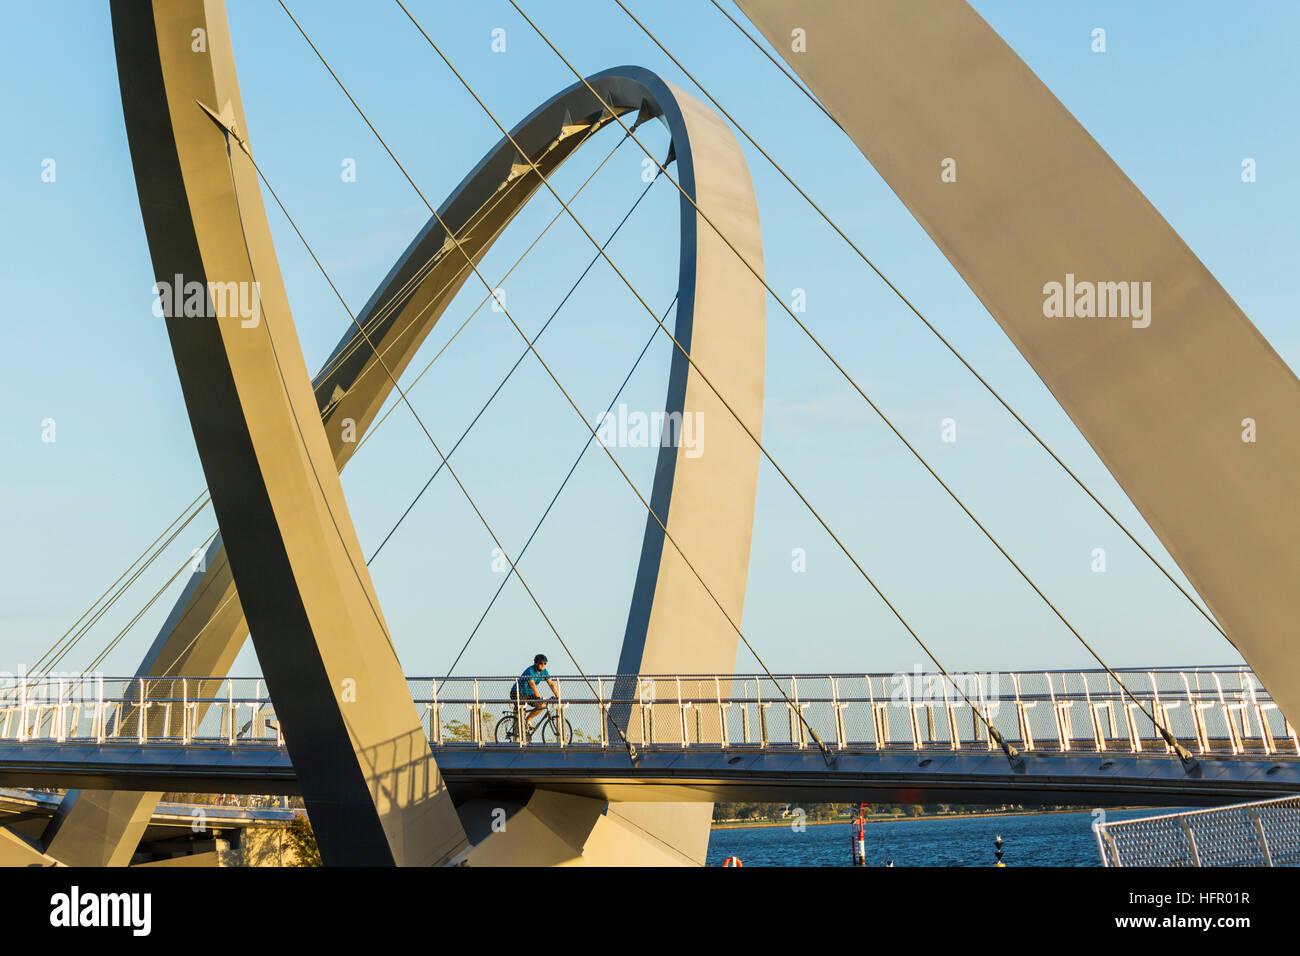 Le passage des cyclistes quai Elizabeth bridge sur la rivière Swan, Perth, Western Australia, Australia Banque D'Images